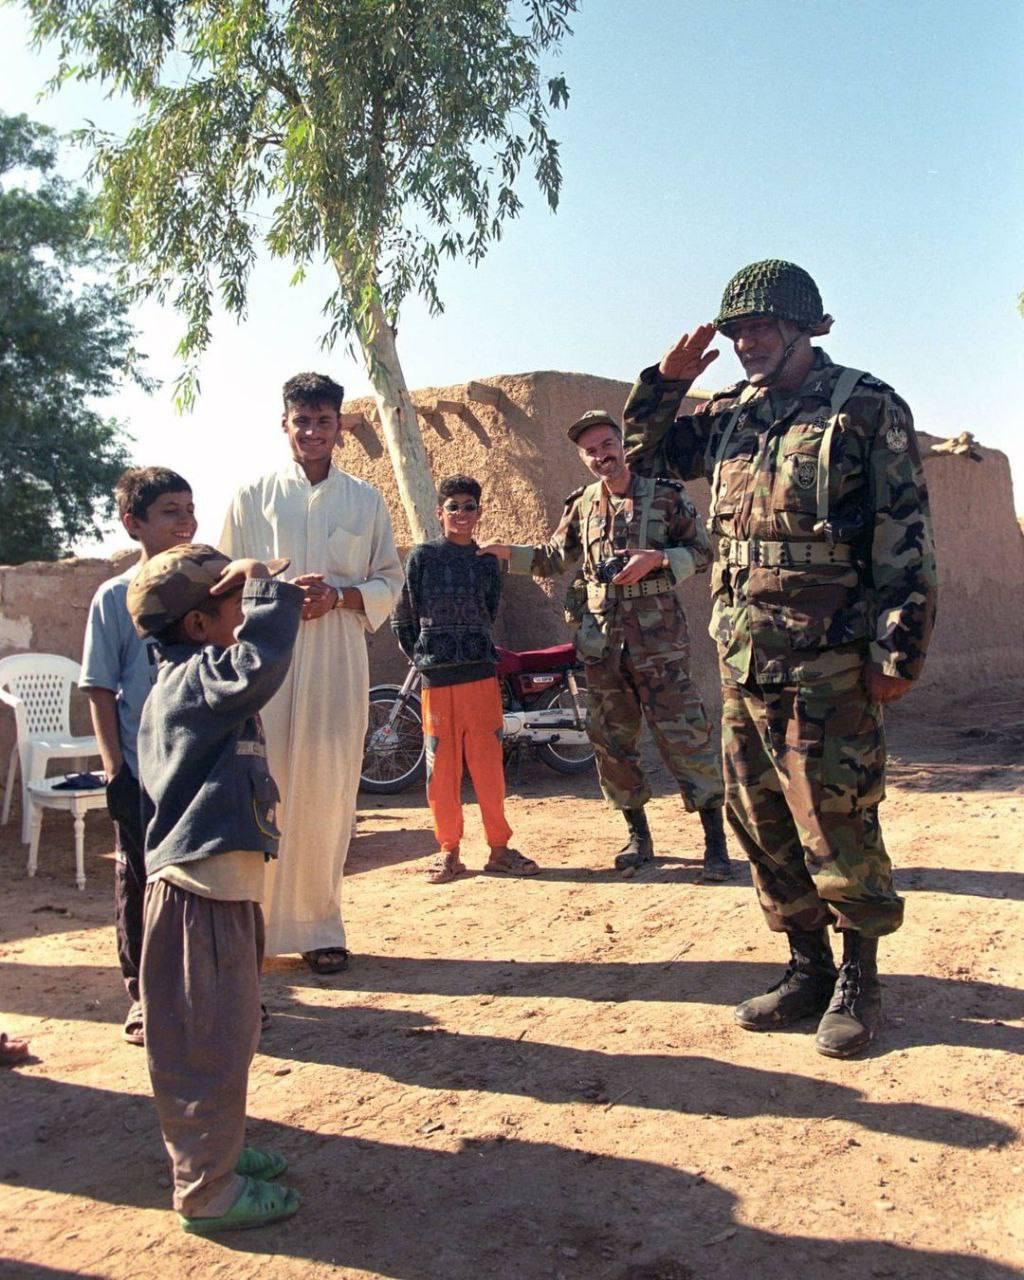 عکس/ احترام نظامی به کودک خوزستانی